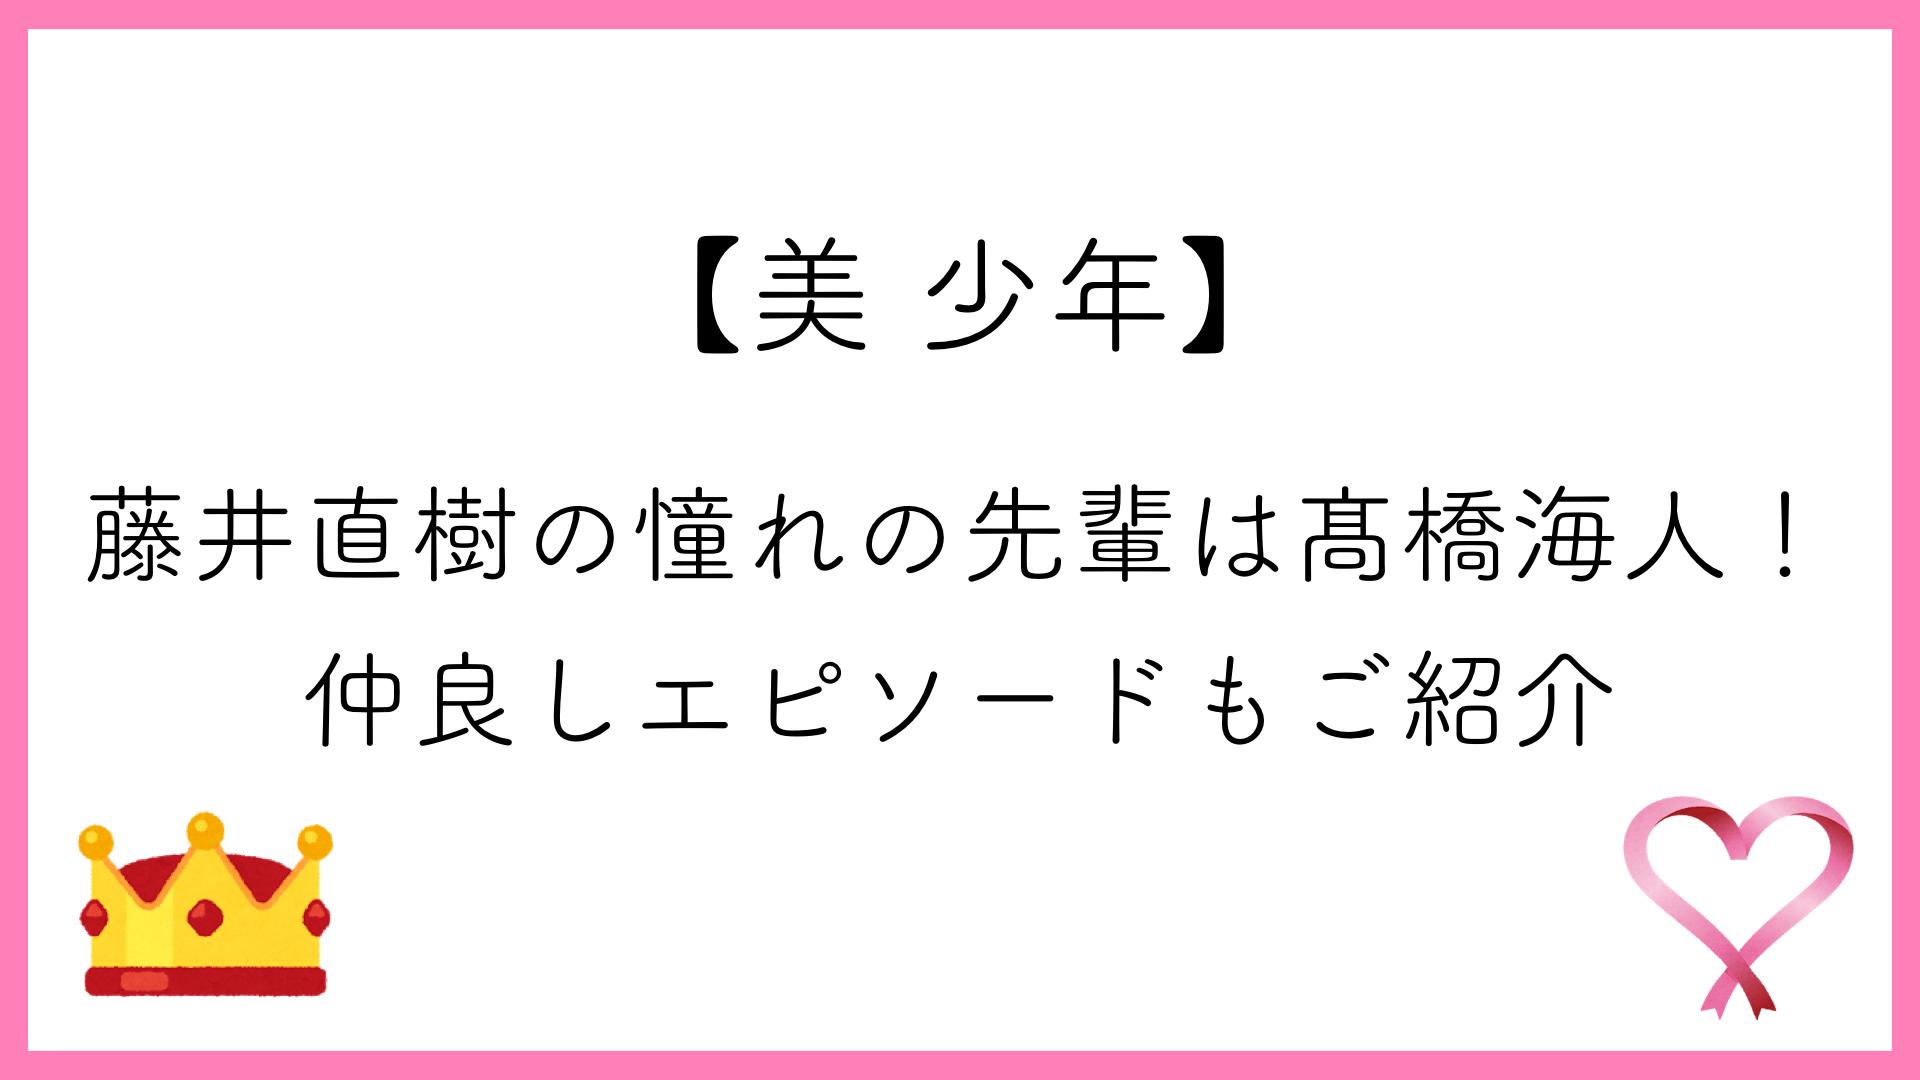 【美 少年】藤井直樹の憧れの先輩は髙橋海人!仲良しエピソードもご紹介